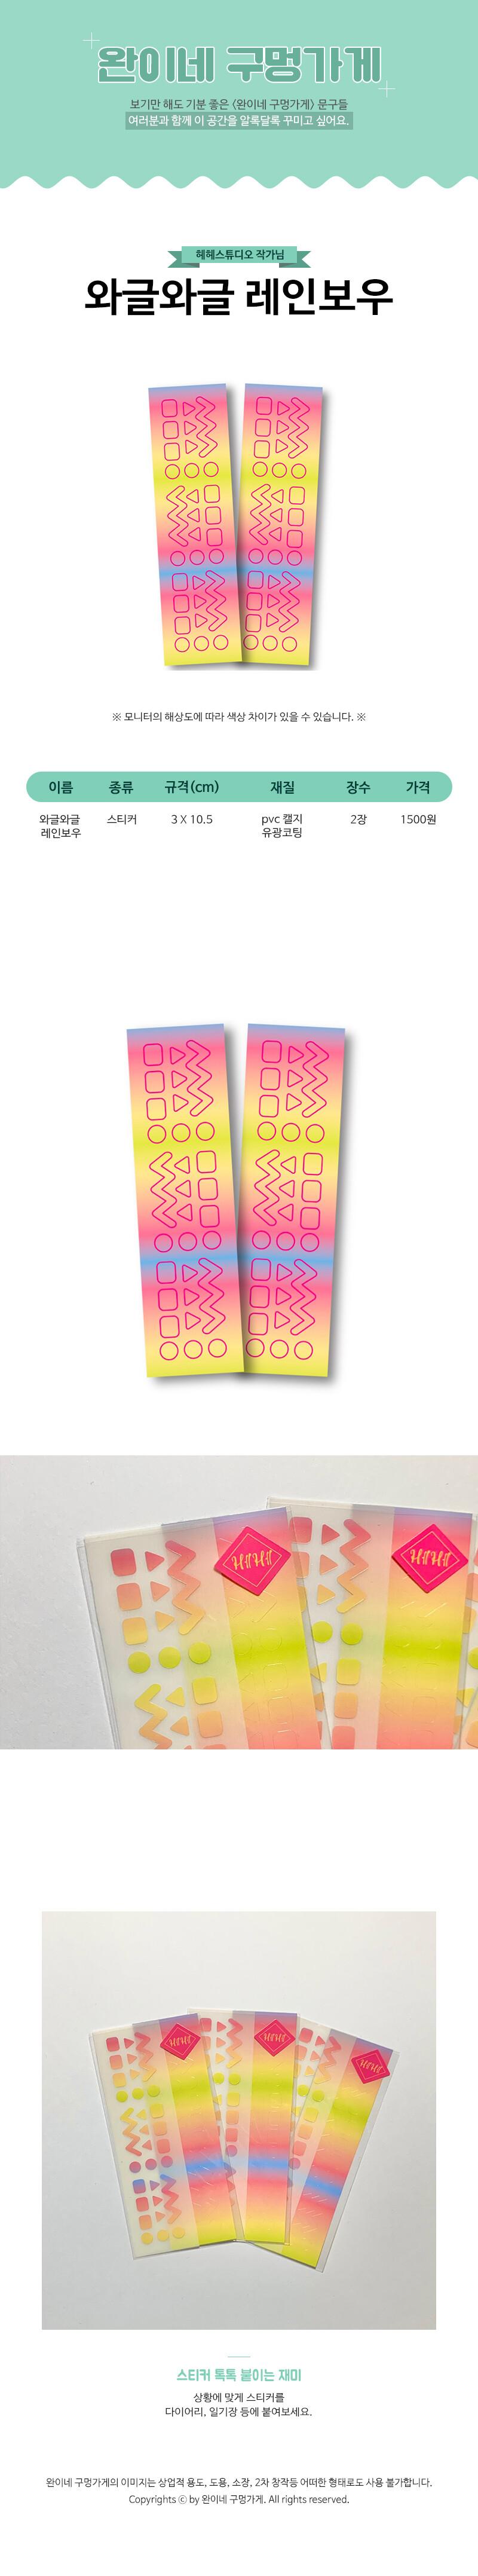 sticker1180